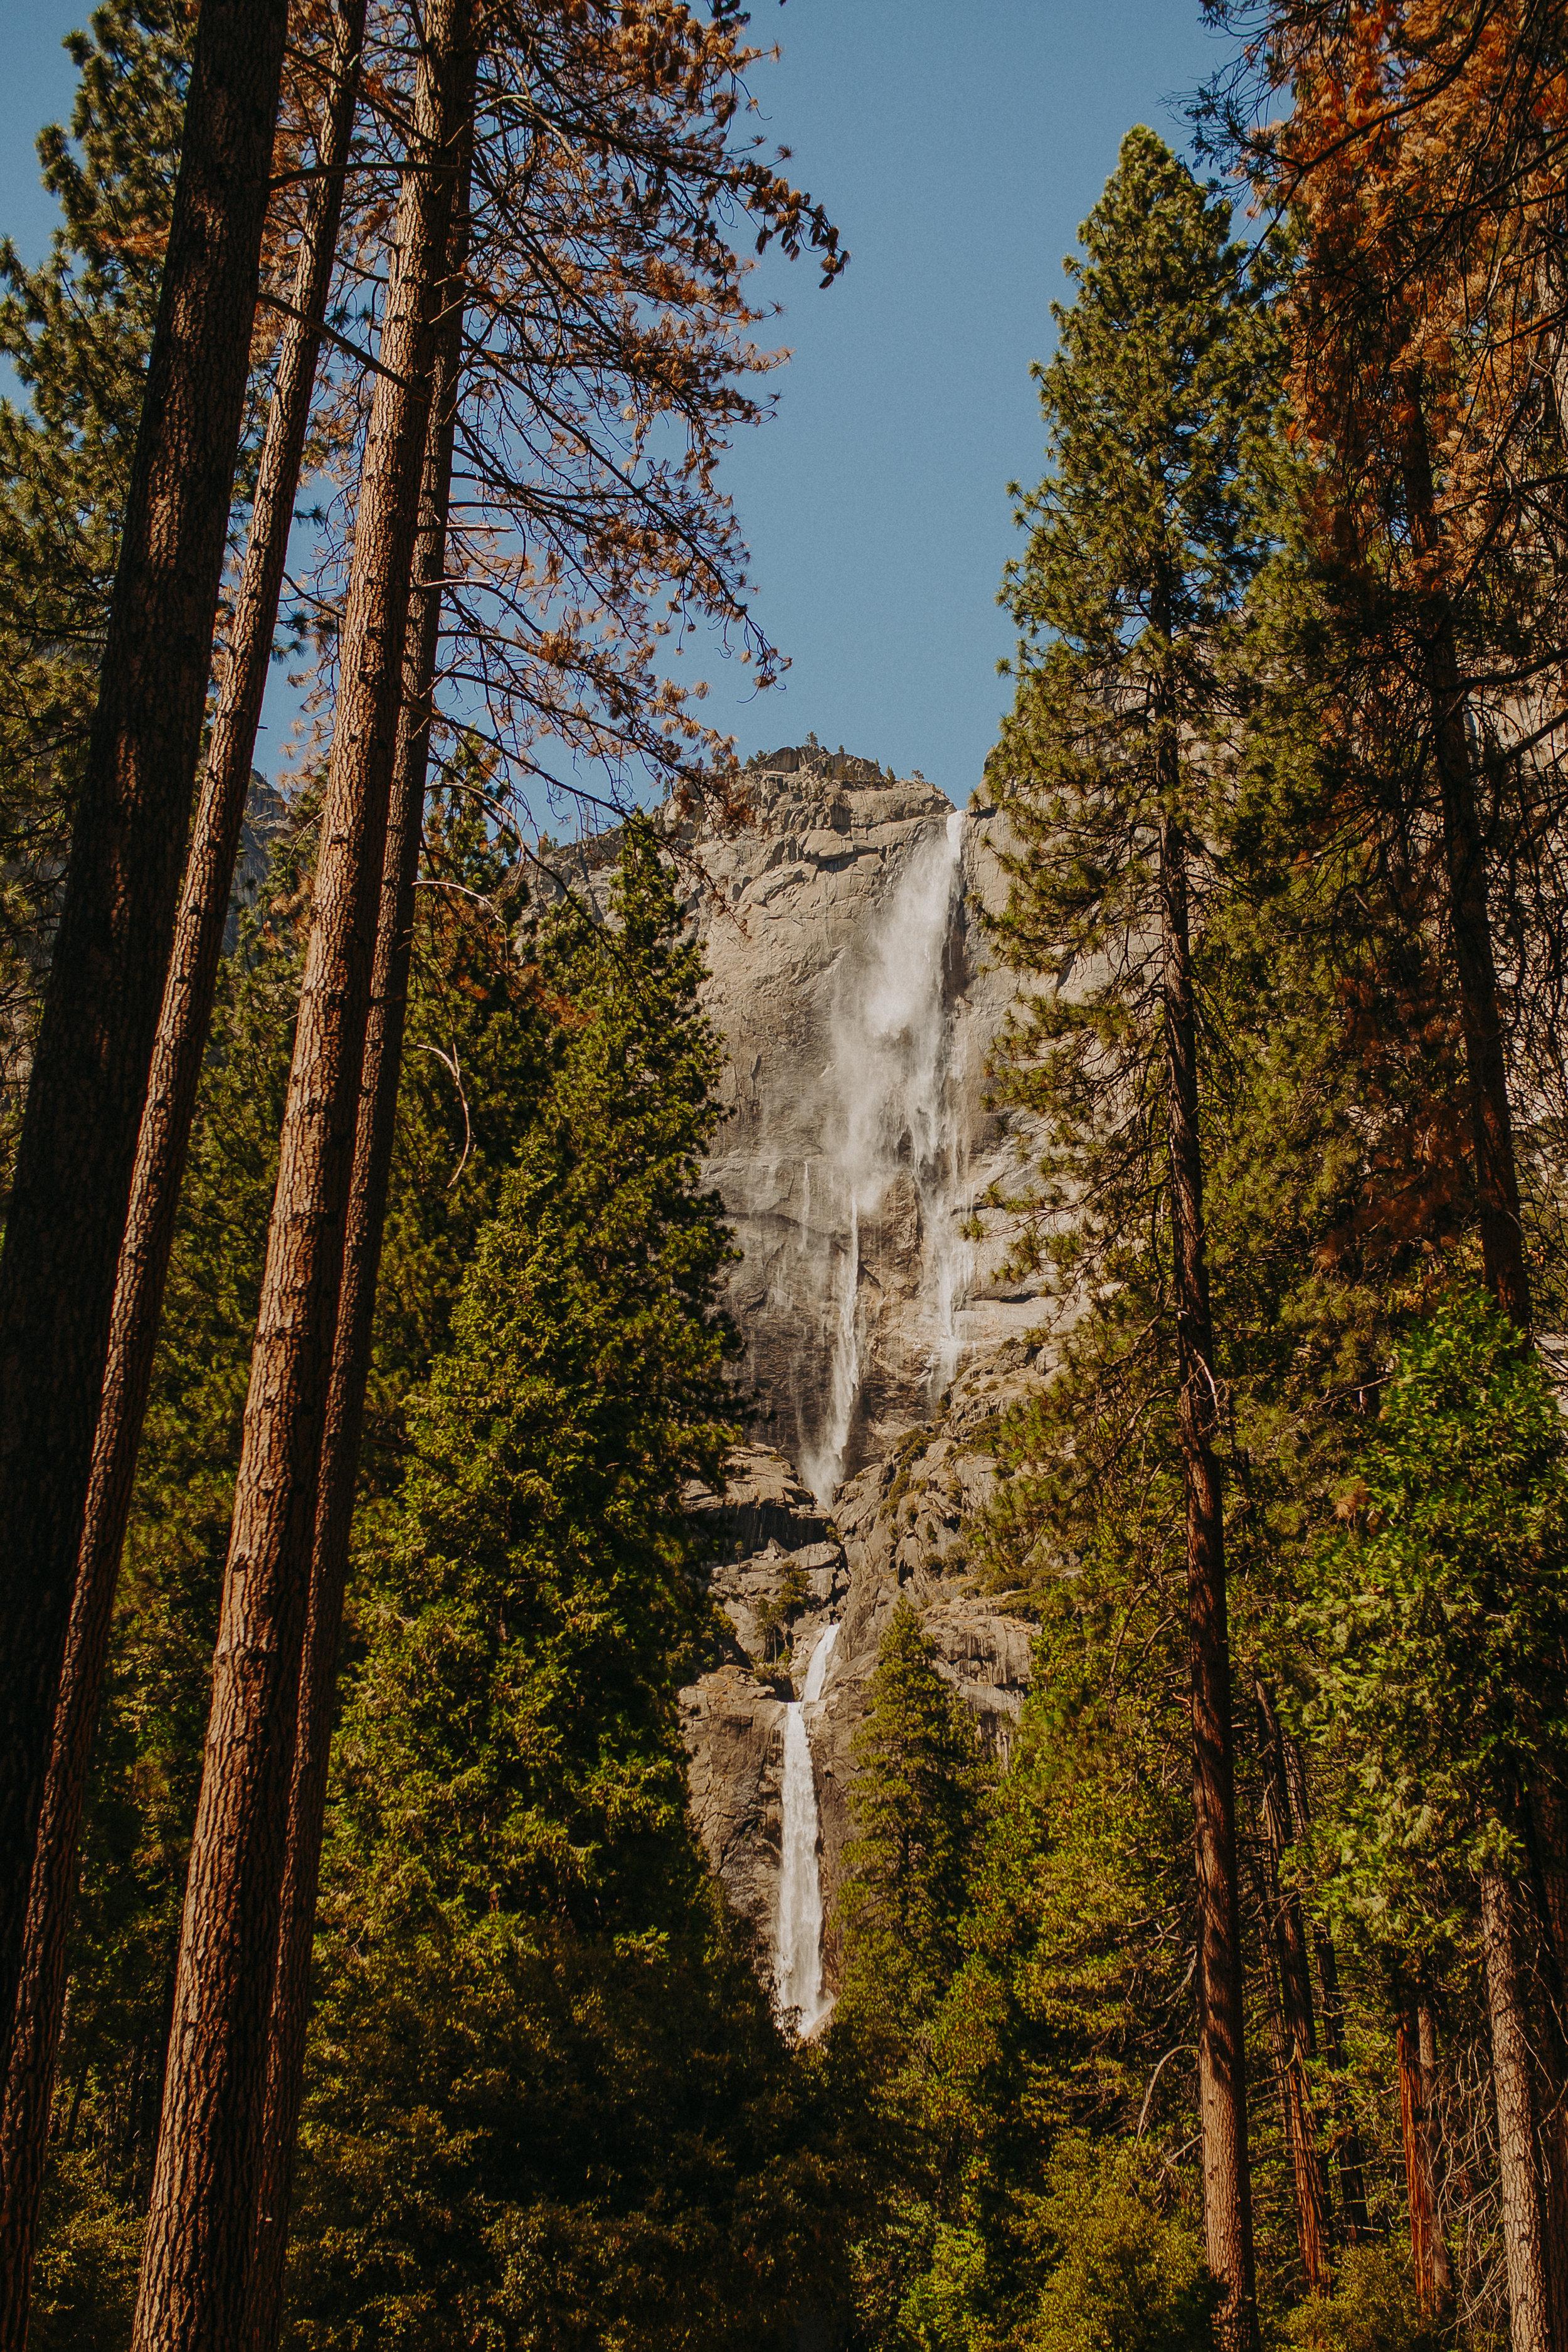 Visit-Yosemite-National-Park-Pictures-California-10.jpg